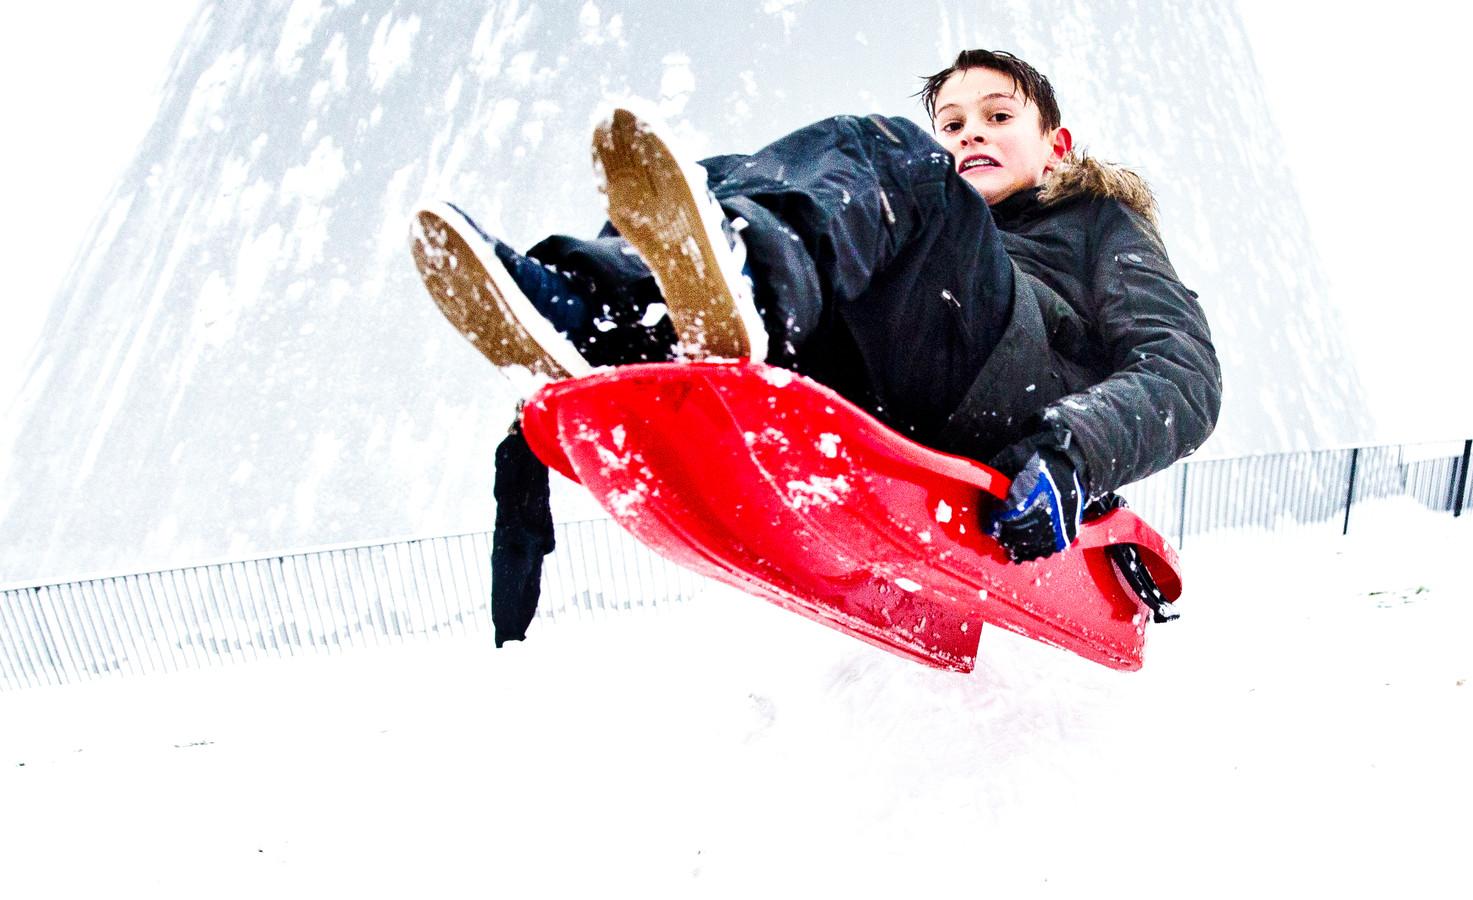 Op het dak van de TU Delft bibliotheek gleden in 2017 mensen naar beneden op ski's, snowboards, sleetjes en opblaasbare boten. Toen was er sprake van een pak sneeuw van zo'n 10 centimer.